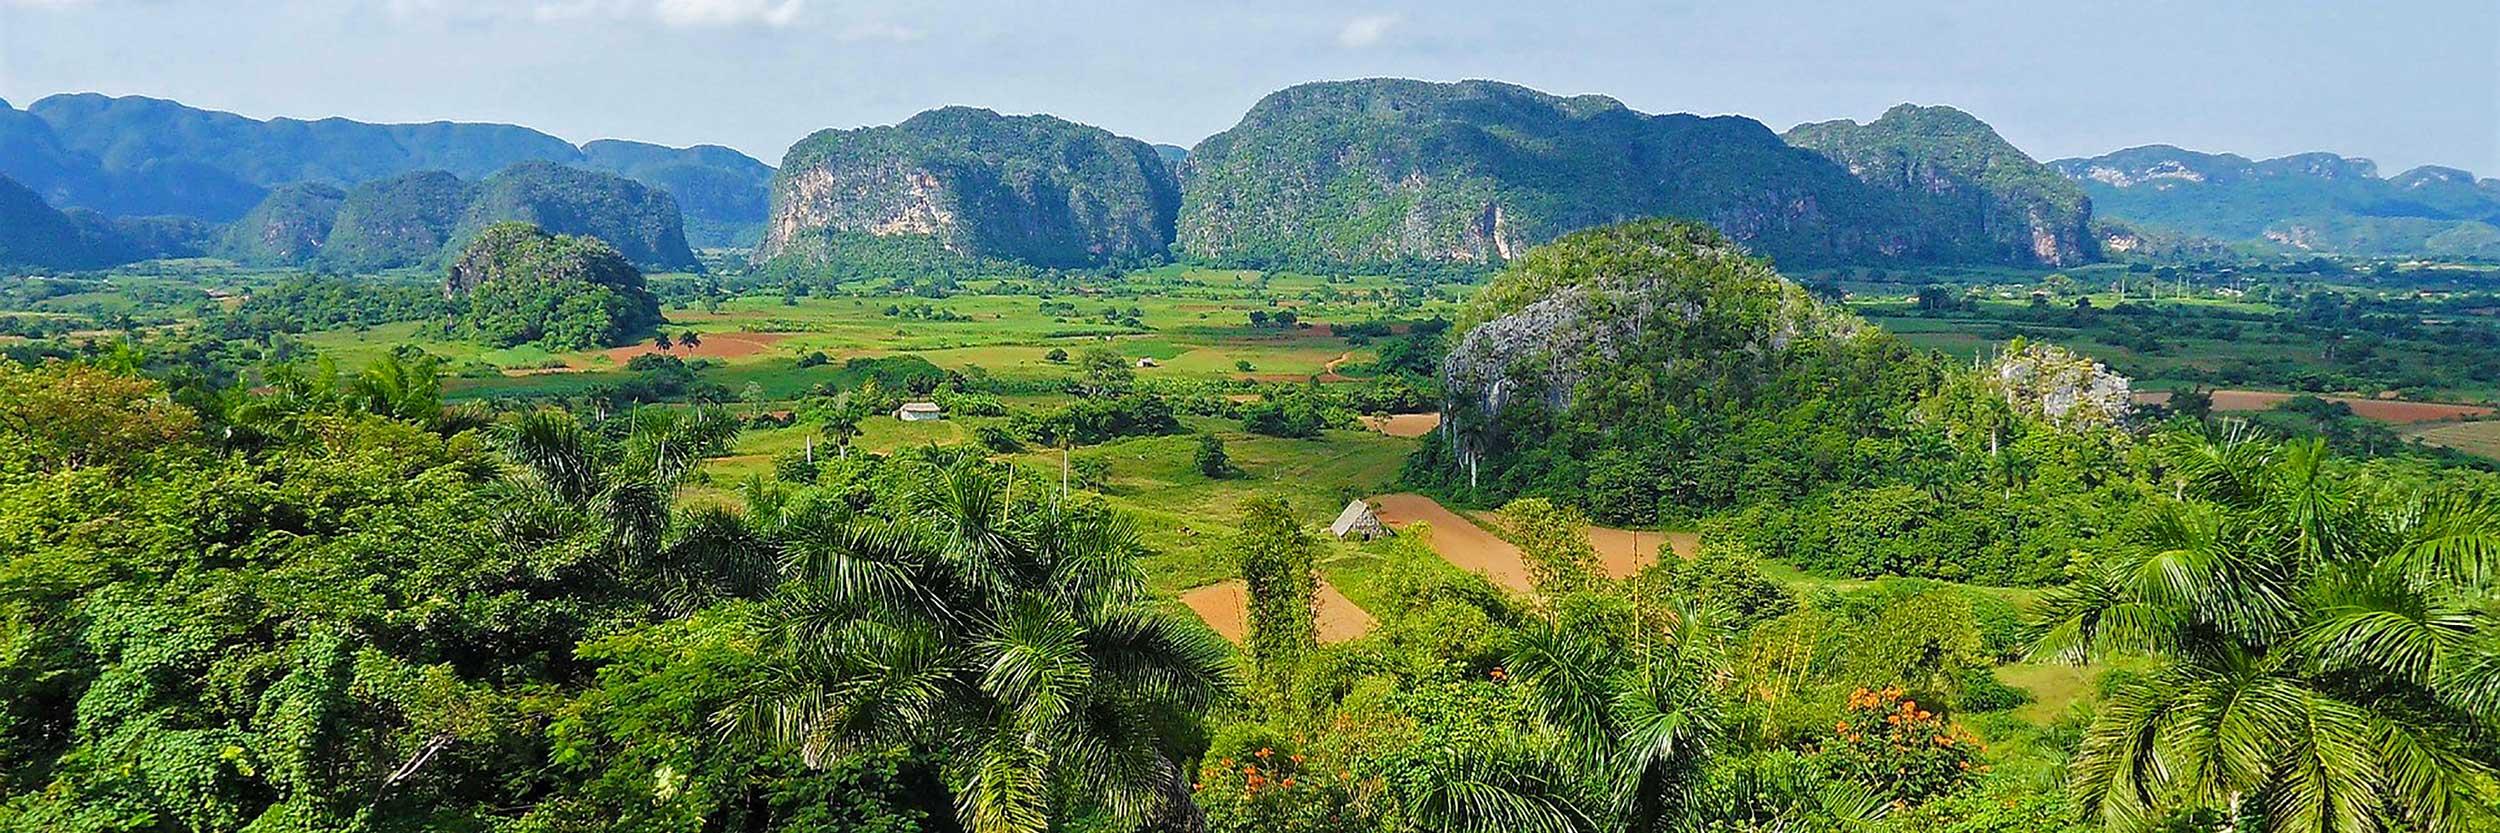 Cuba-valley.jpg